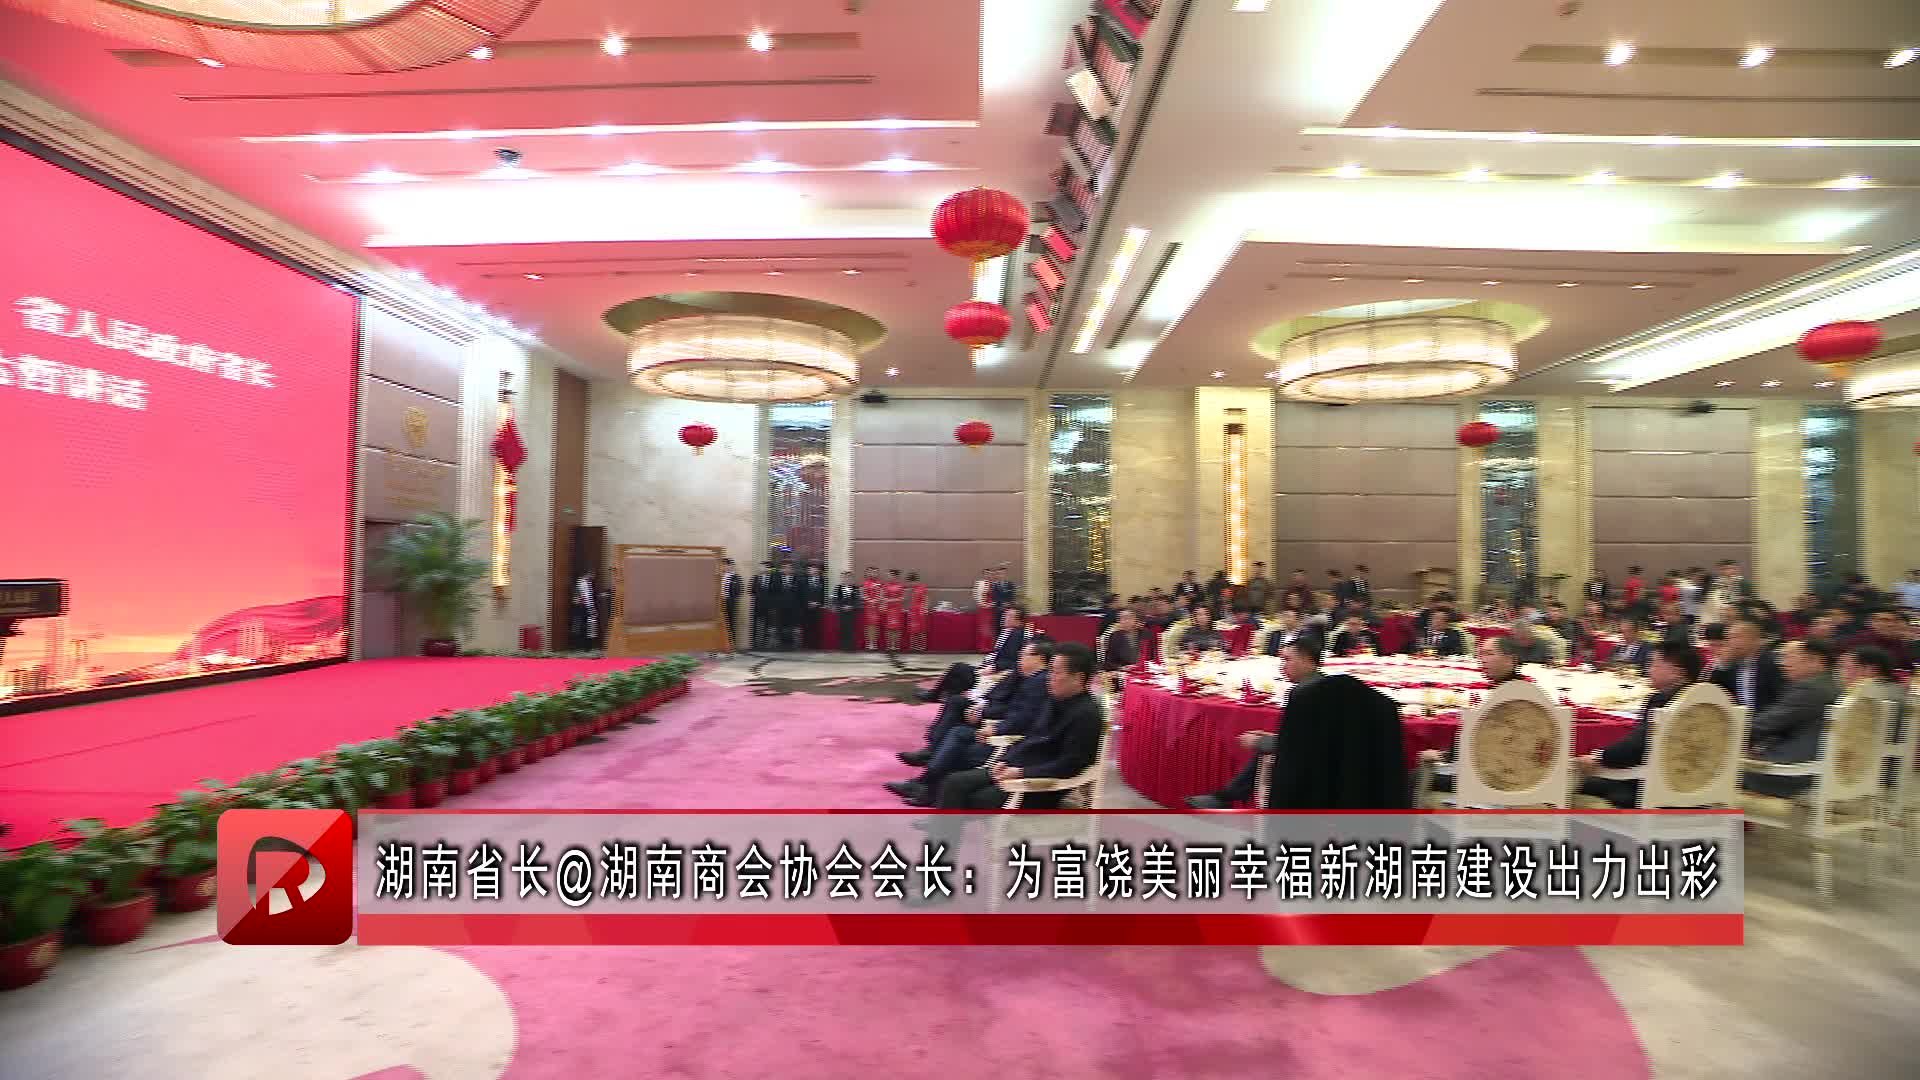 湖南省长@湖南商会协会会长:为富饶美丽幸福新湖南建设出力出彩